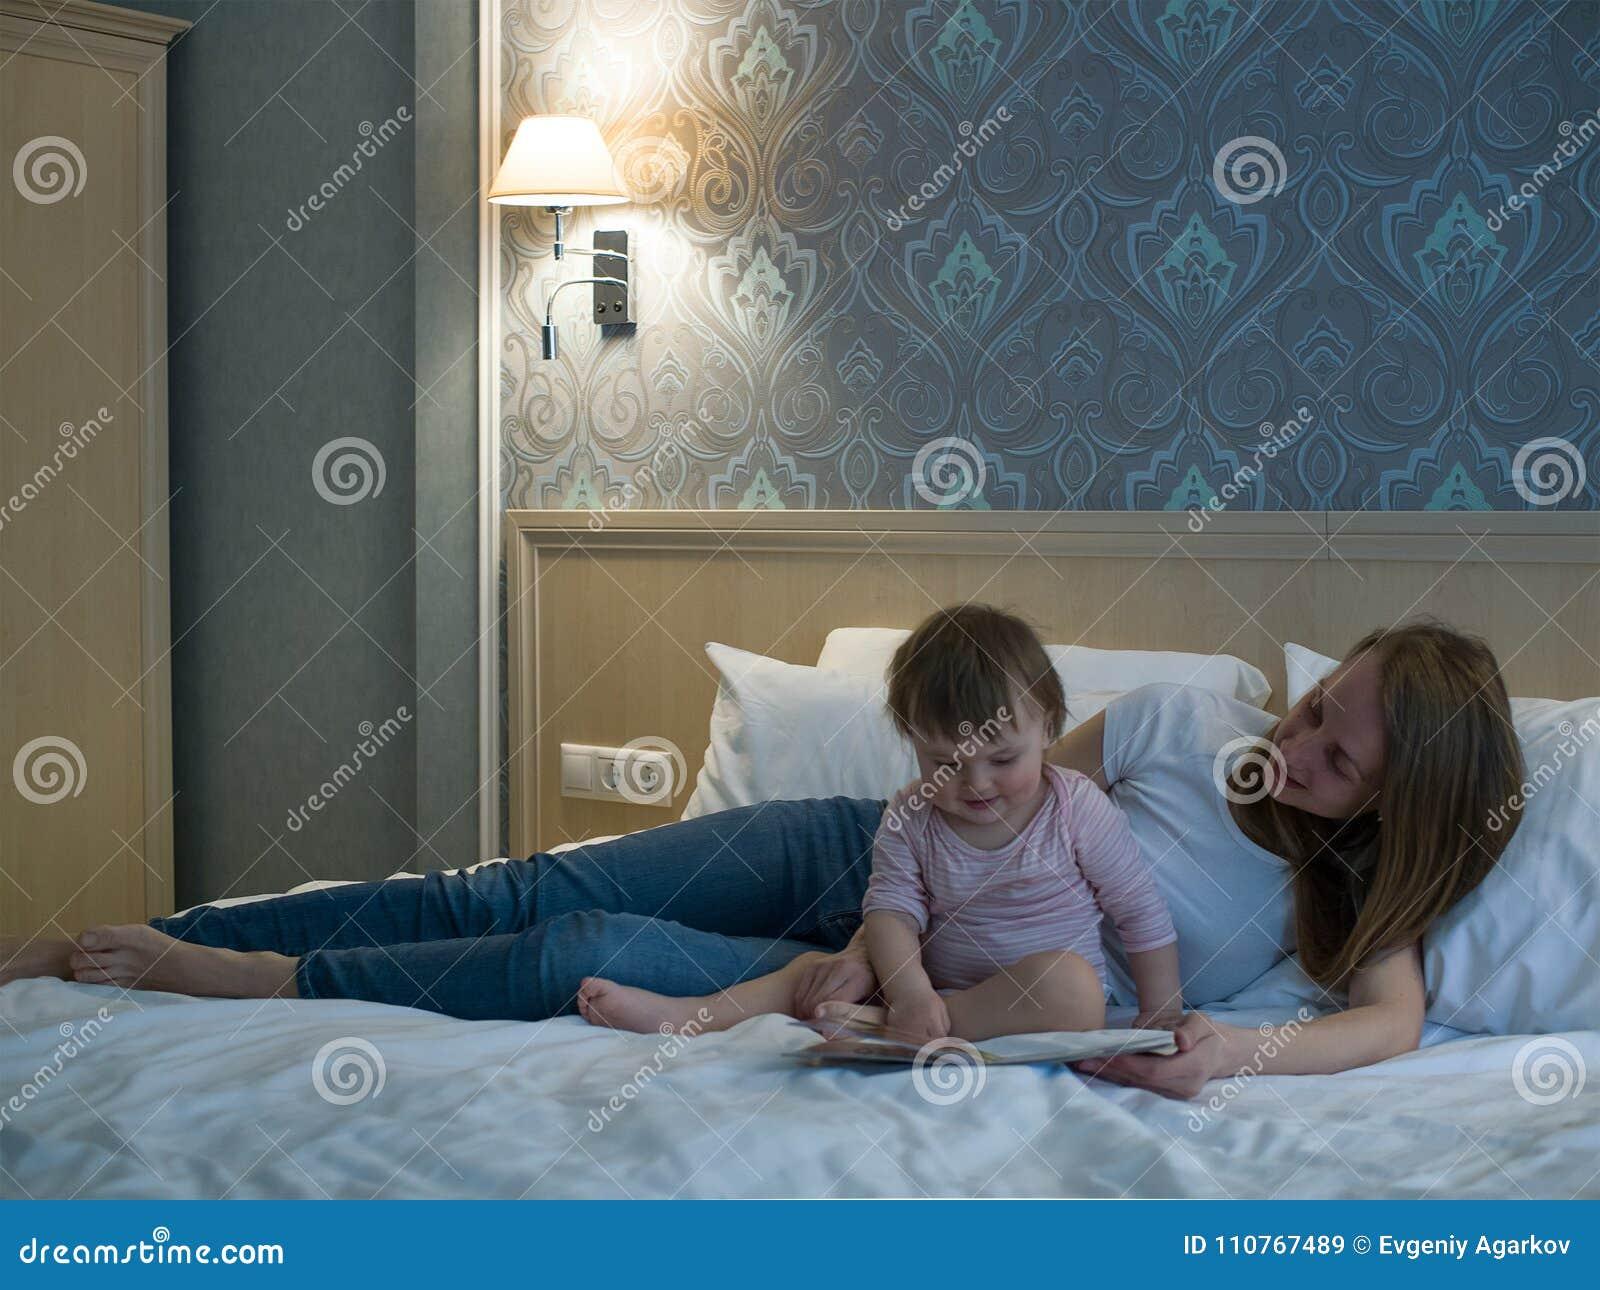 Generi la lettura del libro il bambino a letto prima di andare a dormire